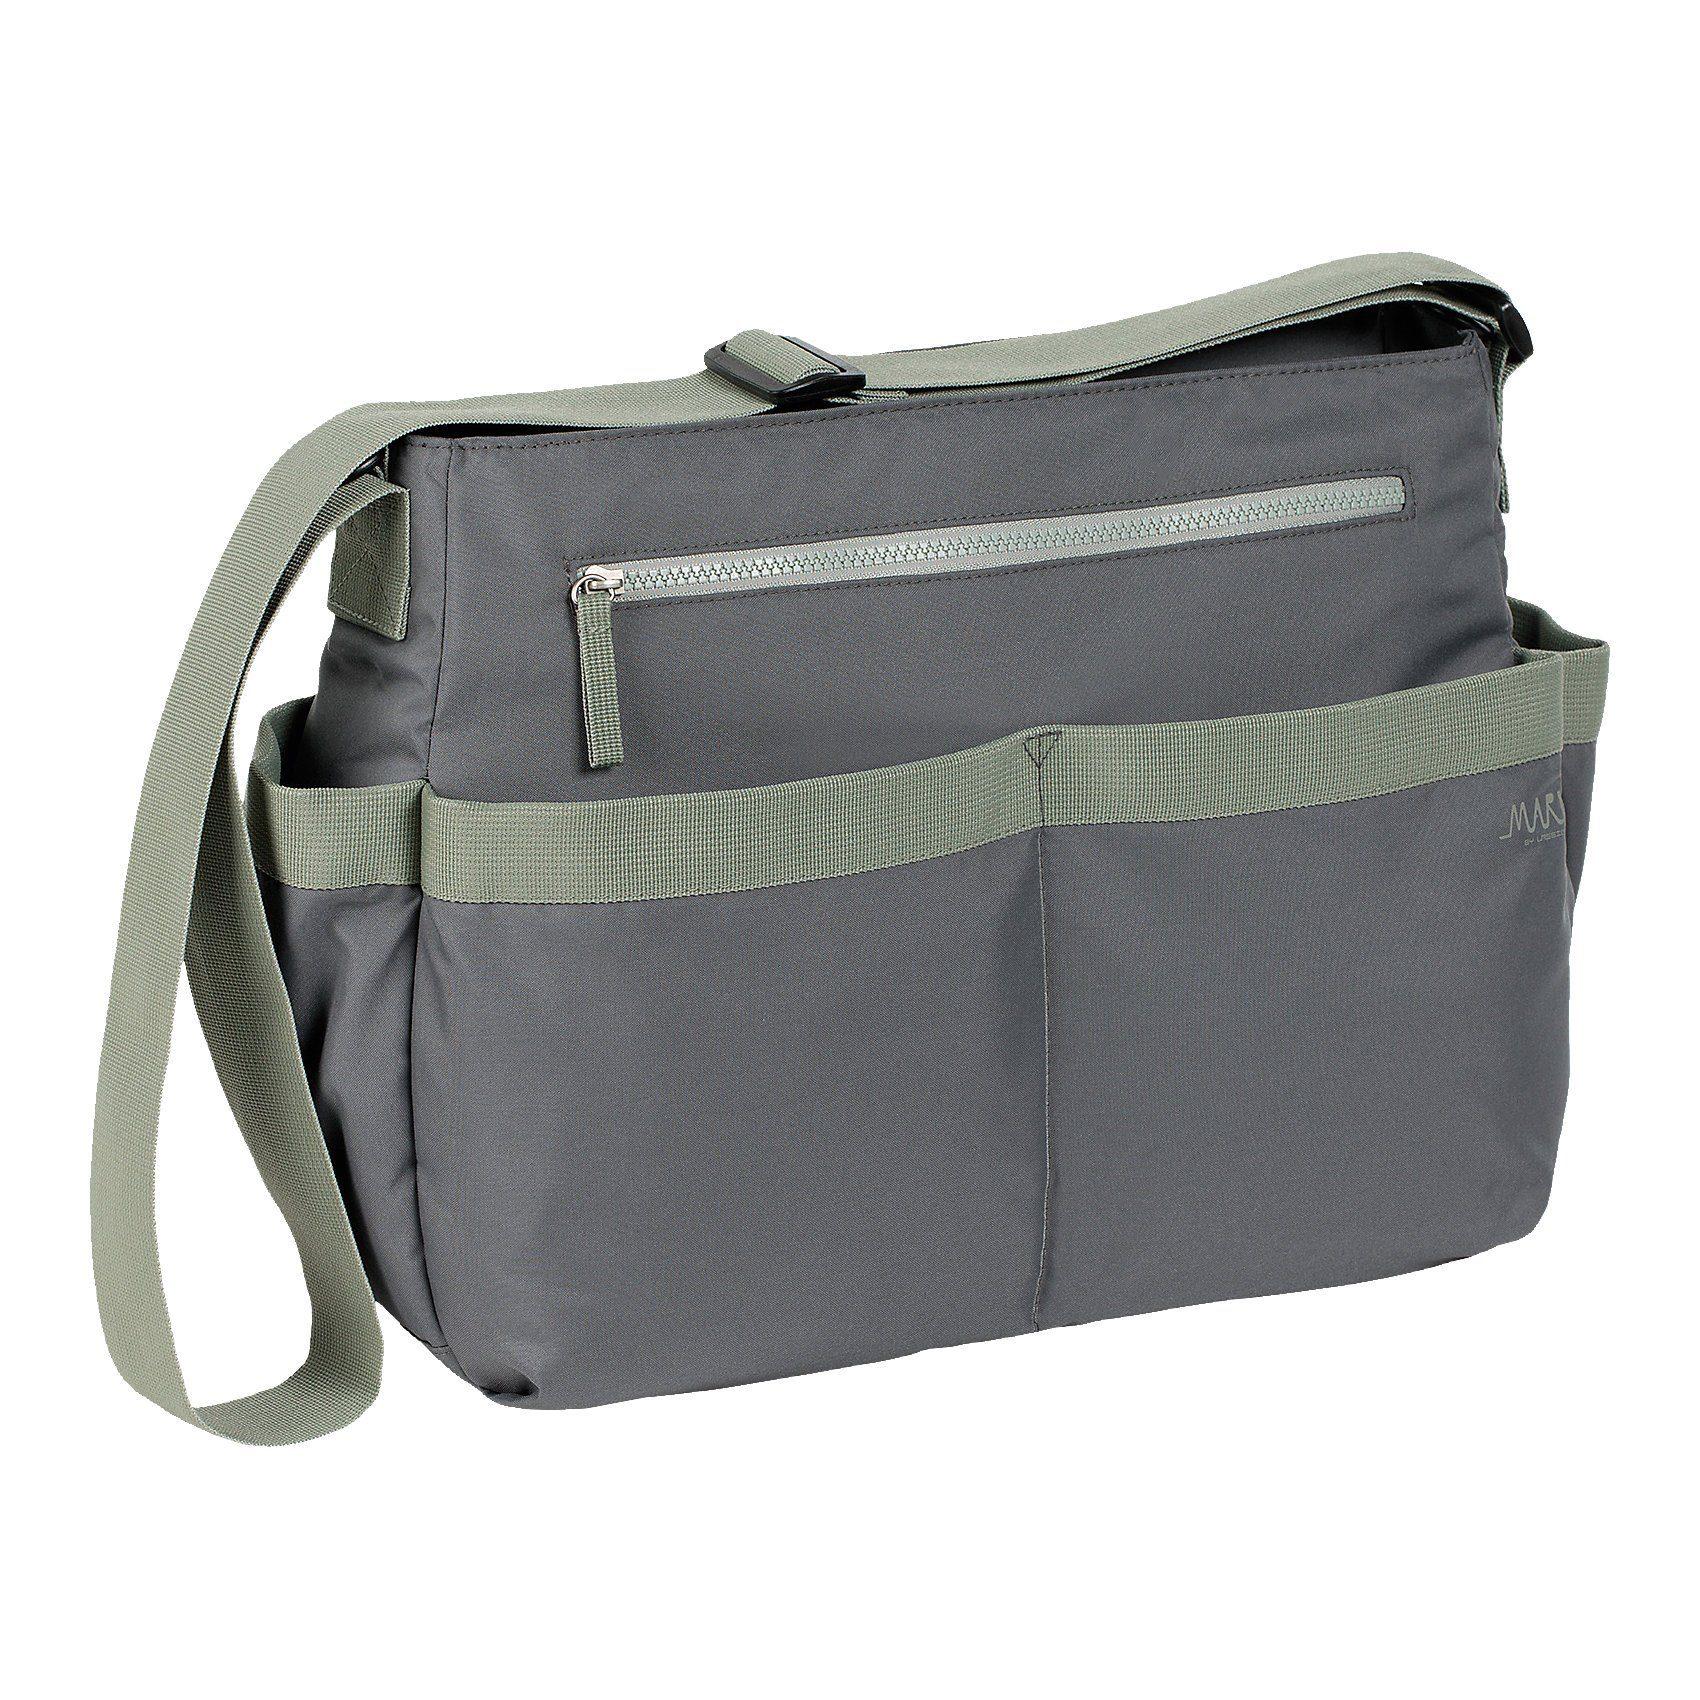 Lässig Wickeltasche Marv, Shoulder Bag, grey